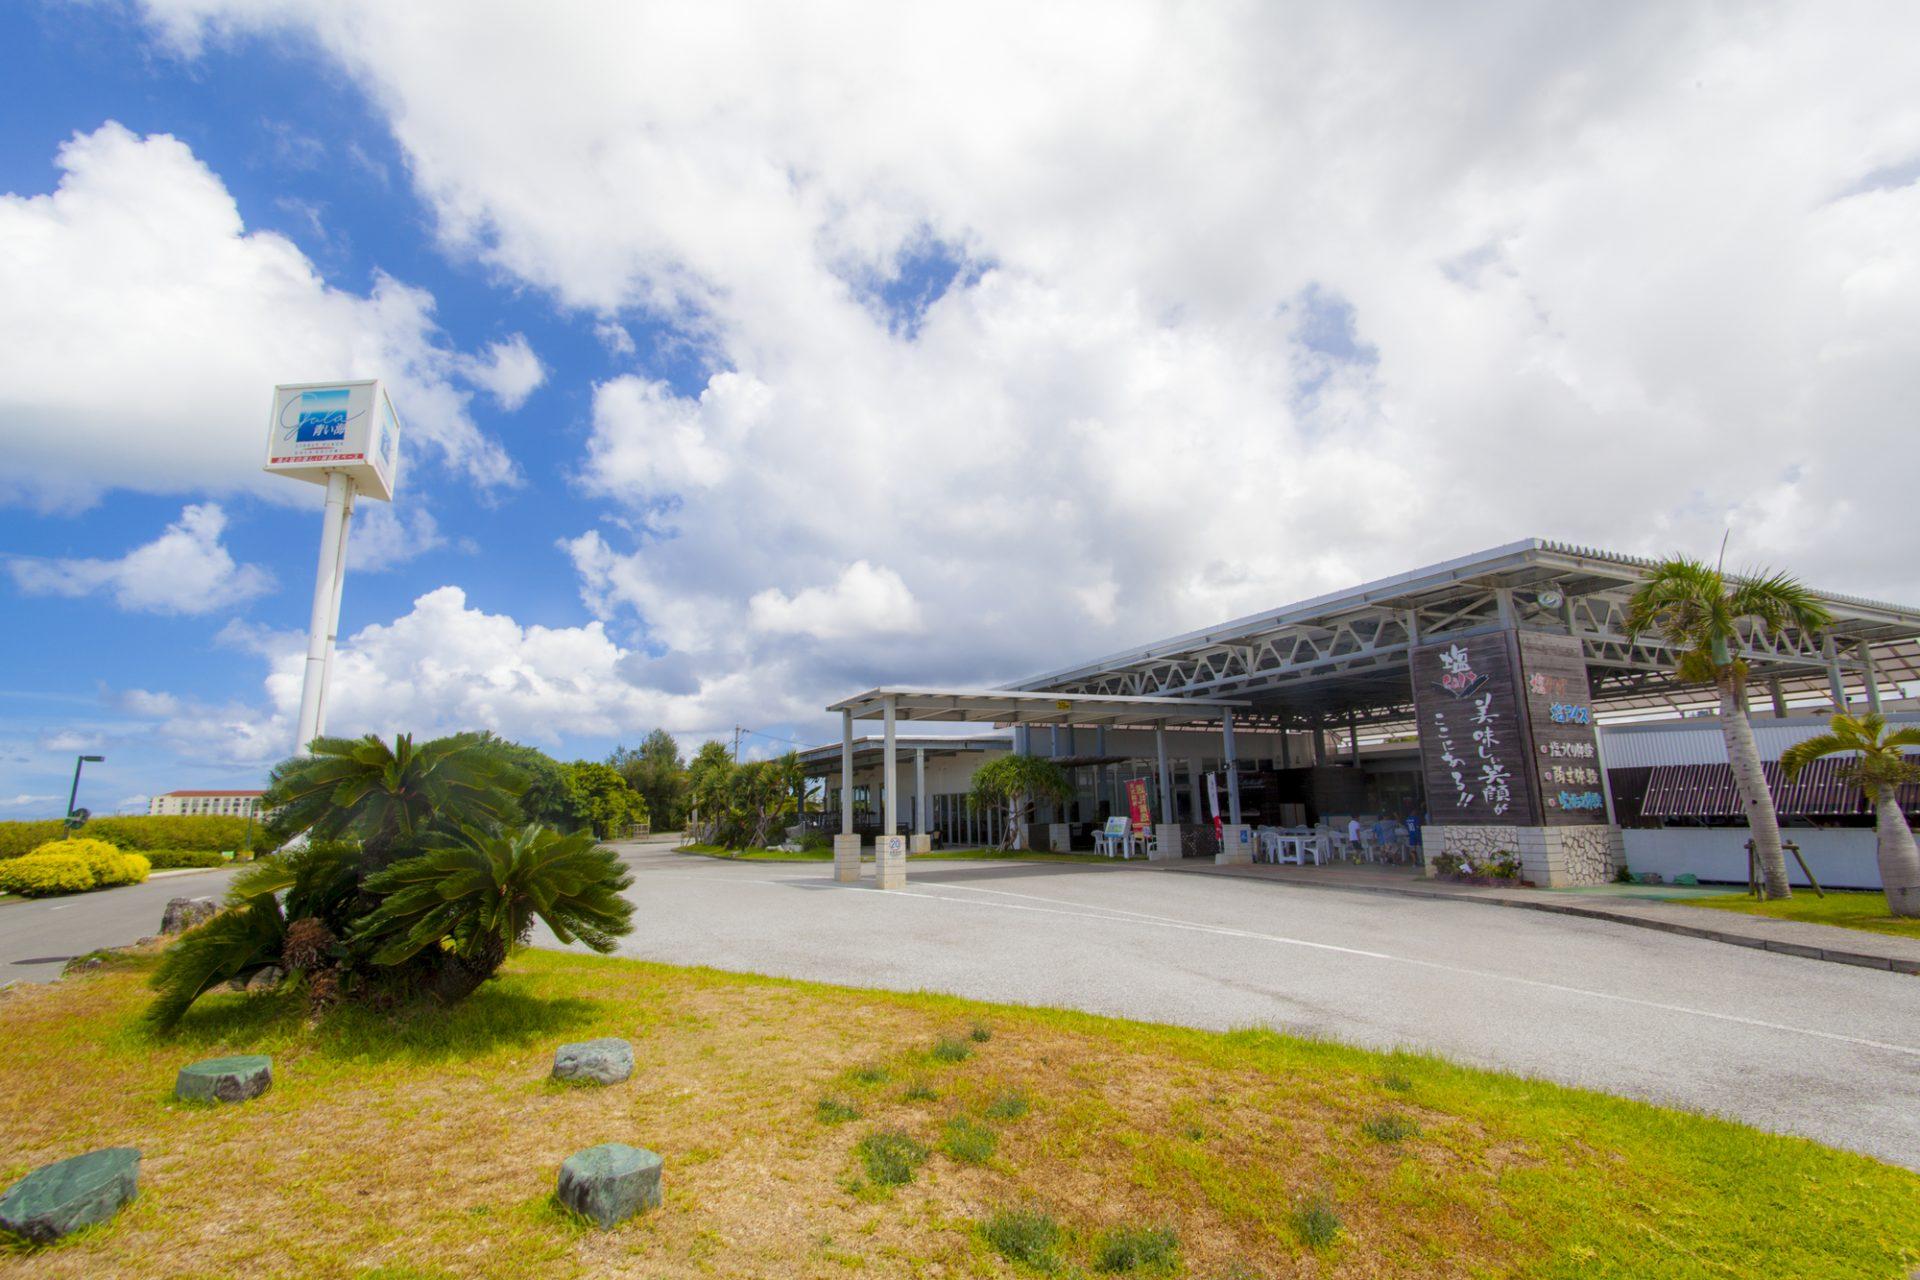 雨の日の観光におすすめ!沖縄中部「Gala青い海」